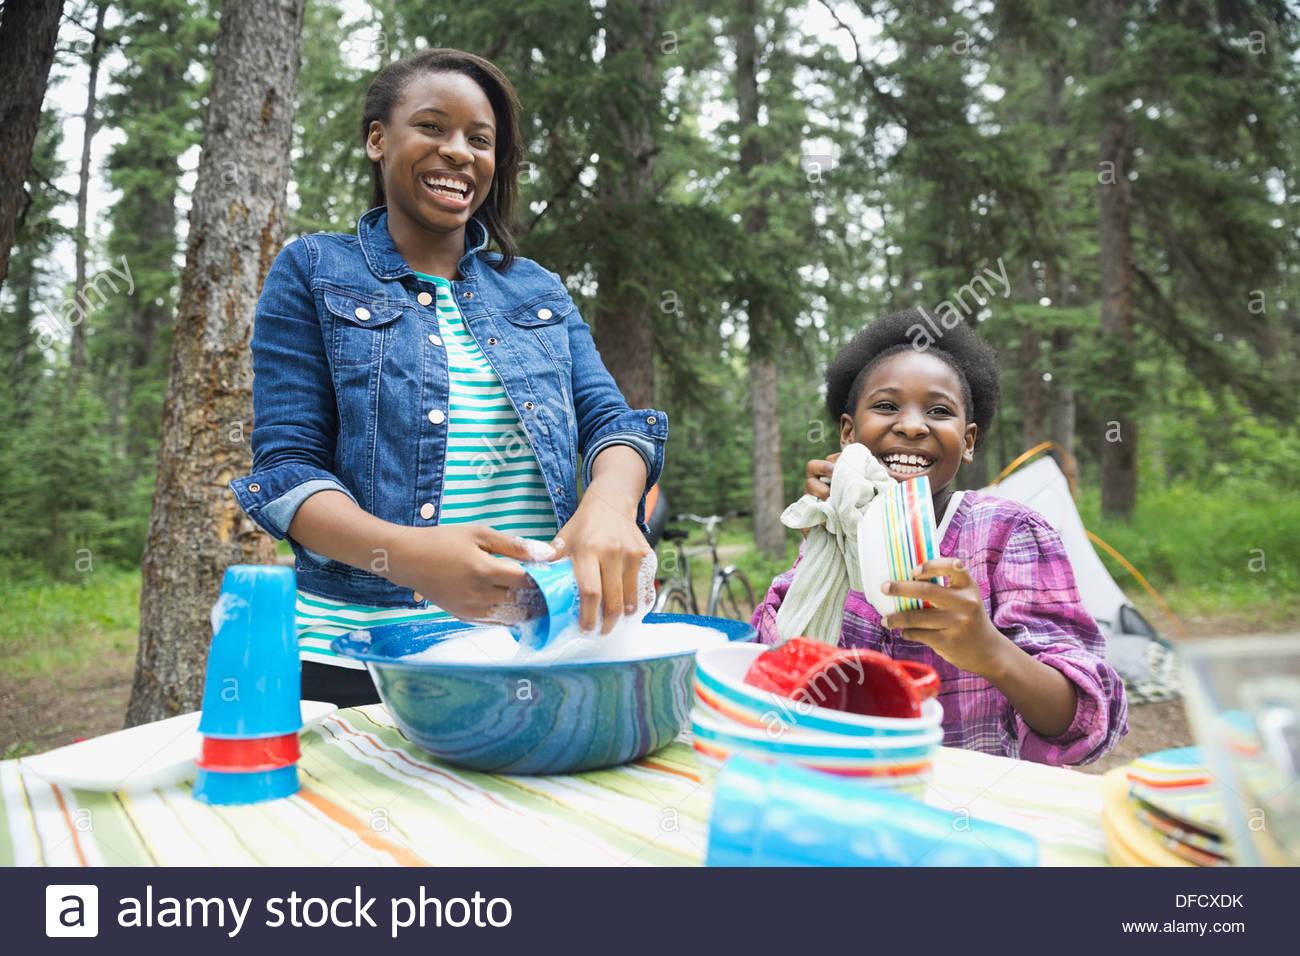 Glücklich Schwestern beim Abwasch auf Campingplatz Stockbild